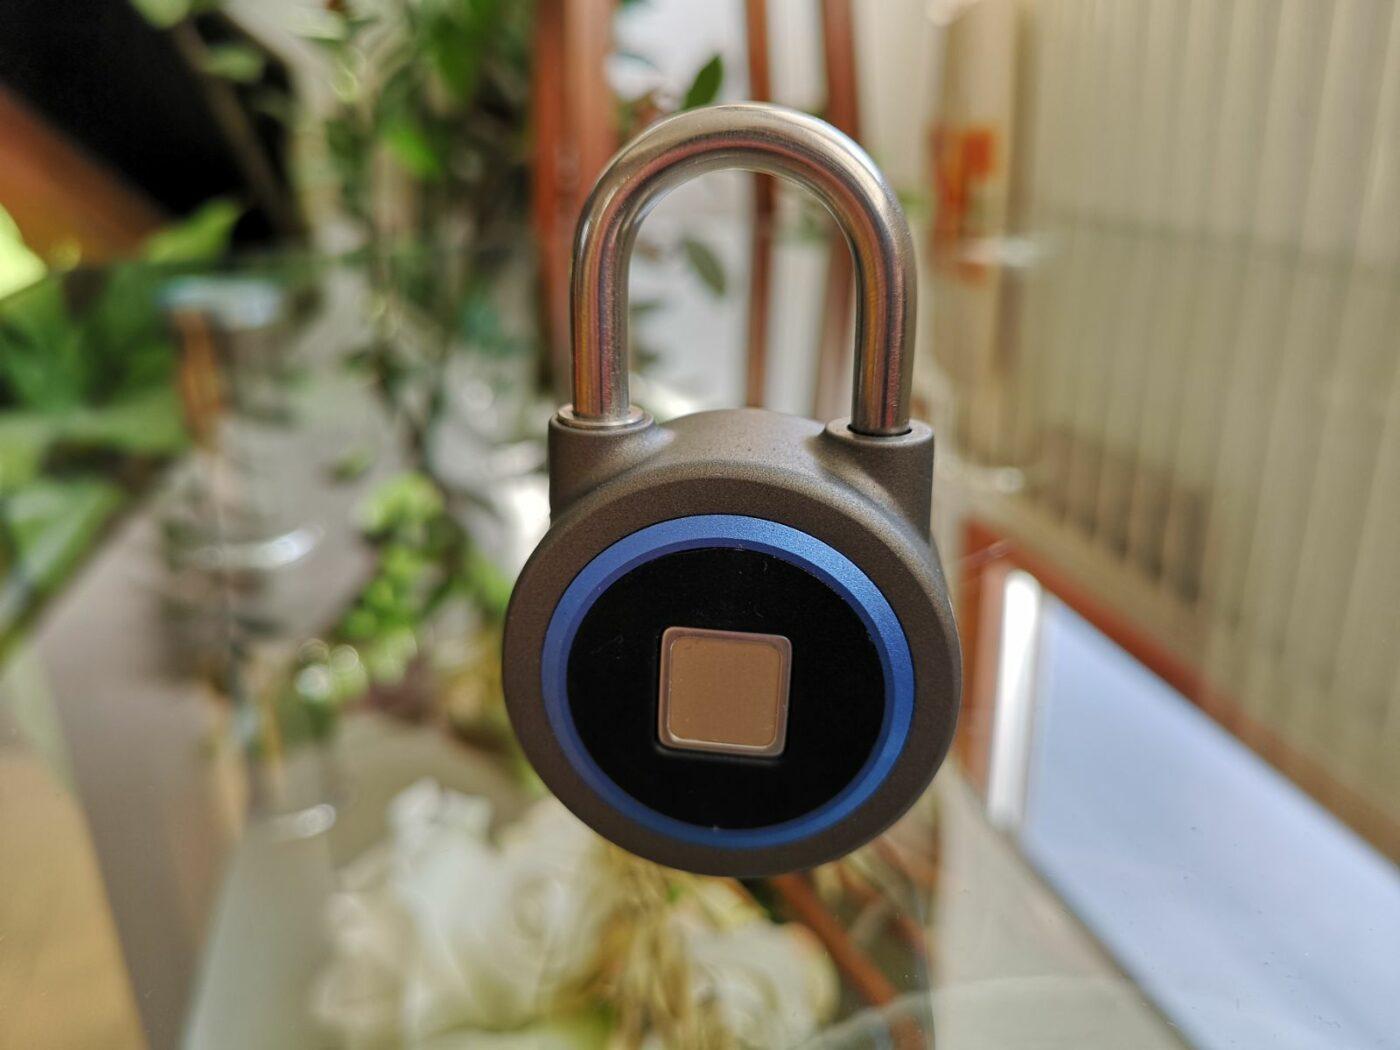 Bluetooth fingerprint lokot 2